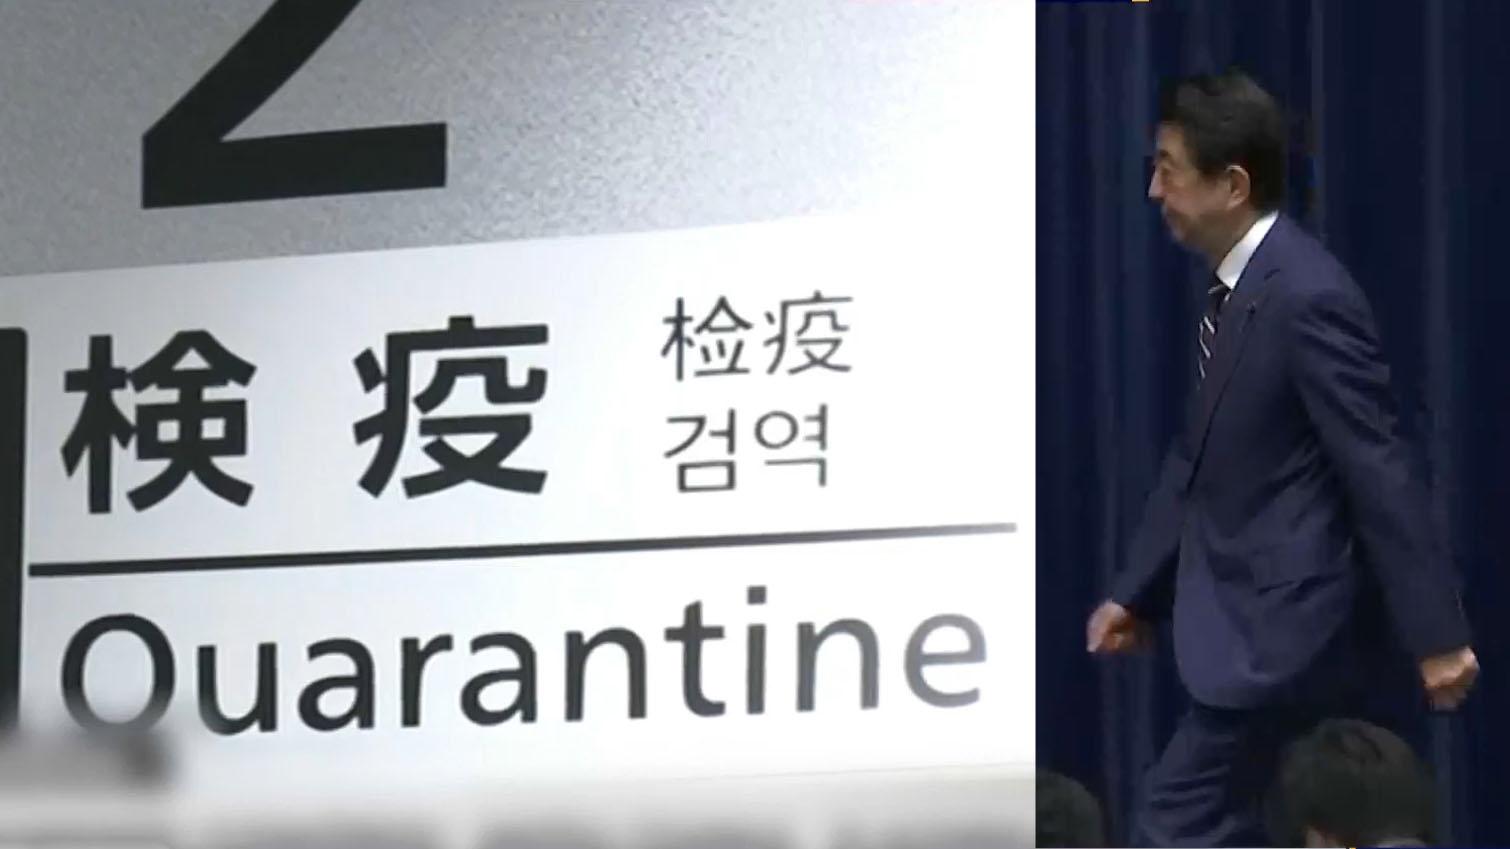 日本將禁來自中美韓等外國人入境